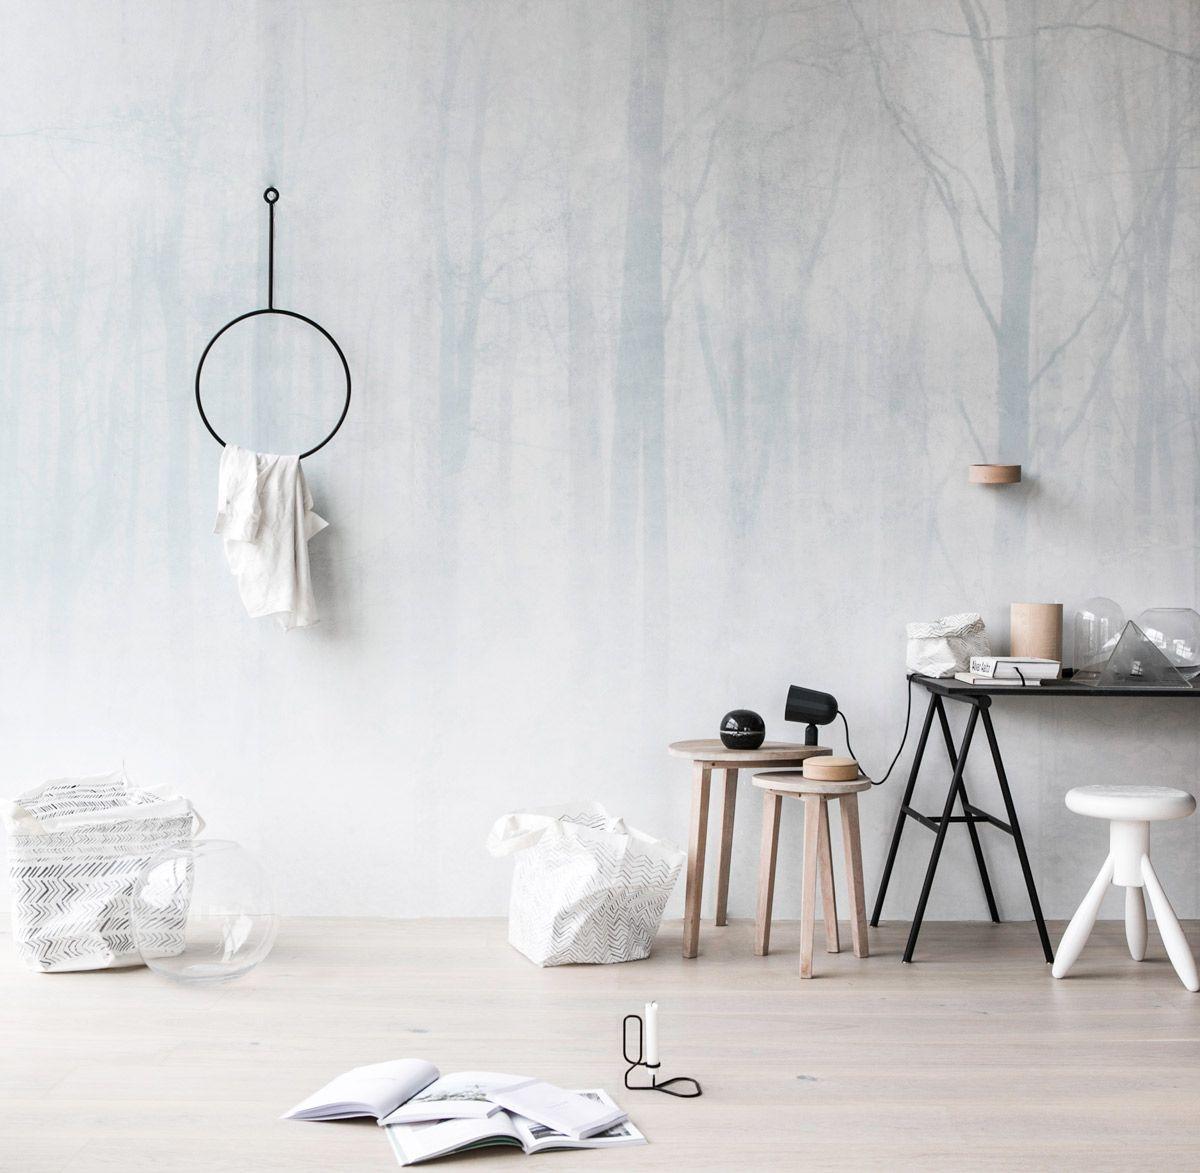 AuBergewohnlich Wald Im Nebel: Wandbild Von Vinterskog Von Sandberg #skandinavisch  #schlafzimmer #tapete